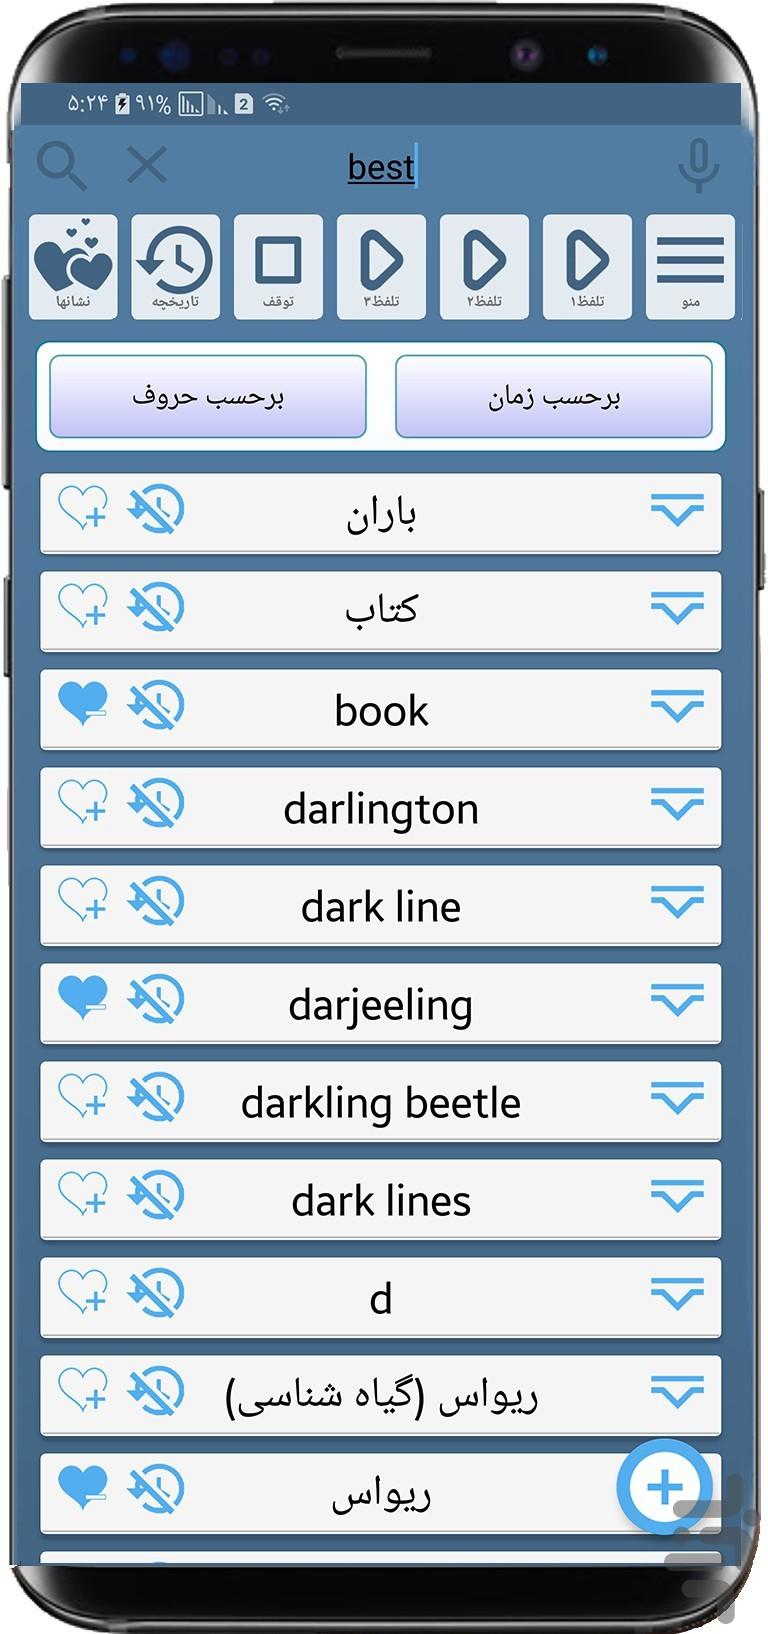 دیکشنری انگلیسی به فارسی تلفظ